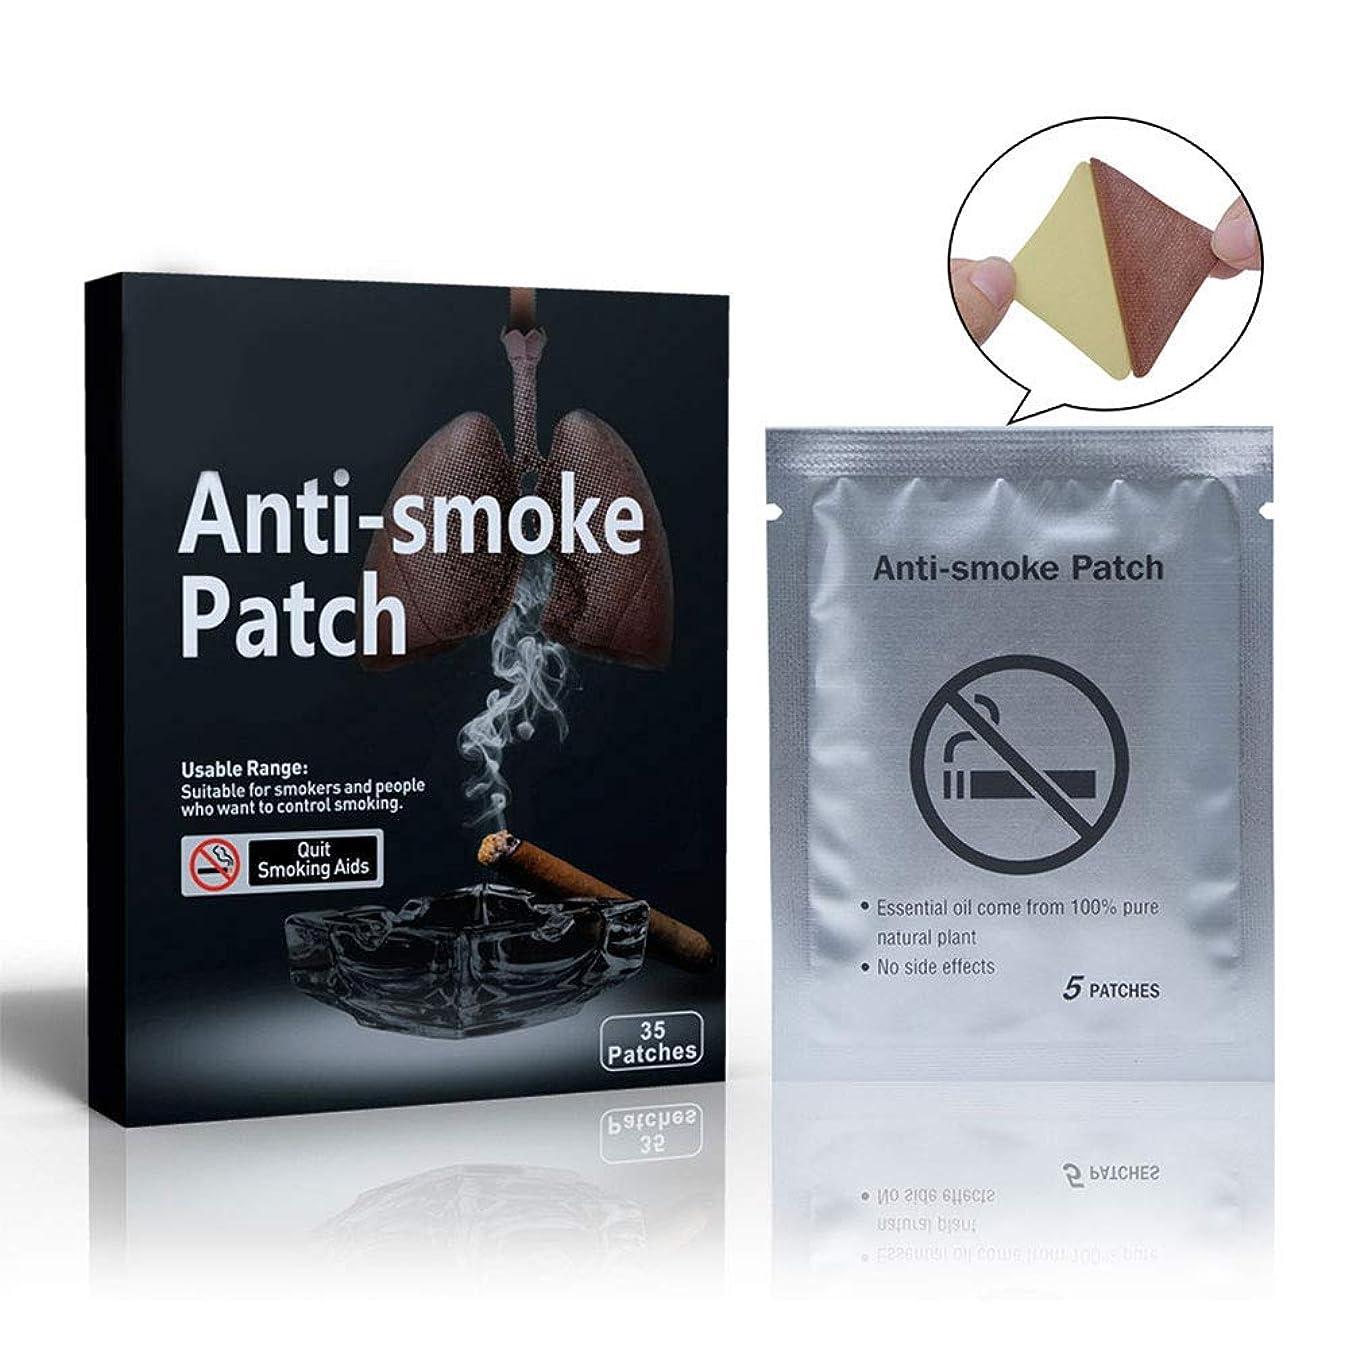 誰も地図白いCreacom 喫煙パッチ 禁煙ステッカー 天然成分 非毒性 健康効果的 禁煙支援 喫煙停止 健康を守る 使用簡単 禁煙サポート 禁煙グッズ 35Pcs